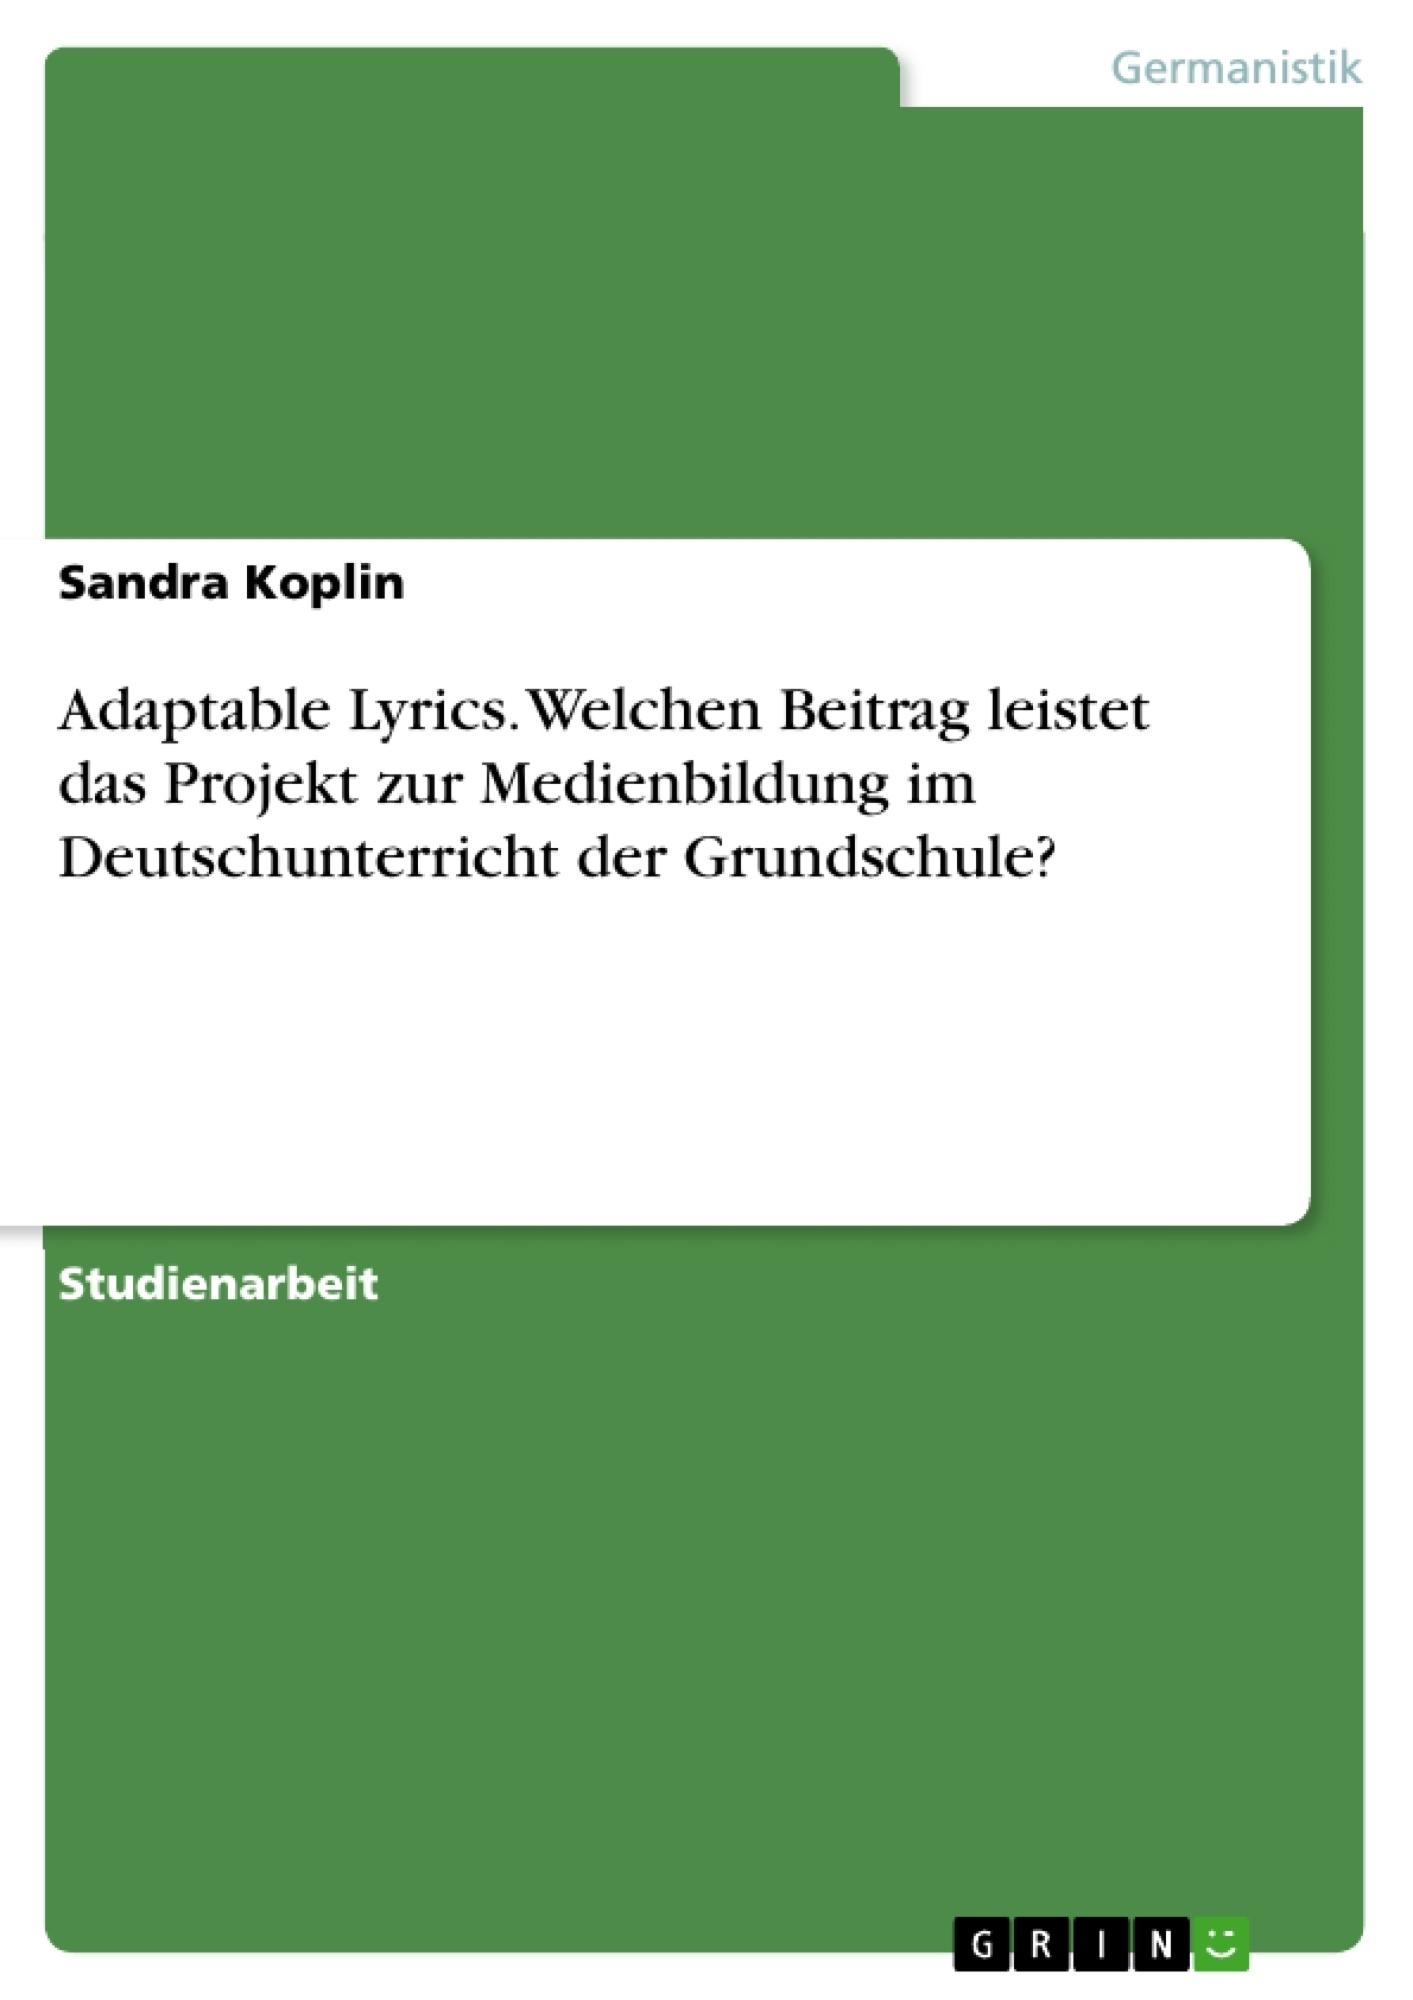 Titel: Adaptable Lyrics. Welchen Beitrag leistet das Projekt zur Medienbildung im Deutschunterricht der Grundschule?